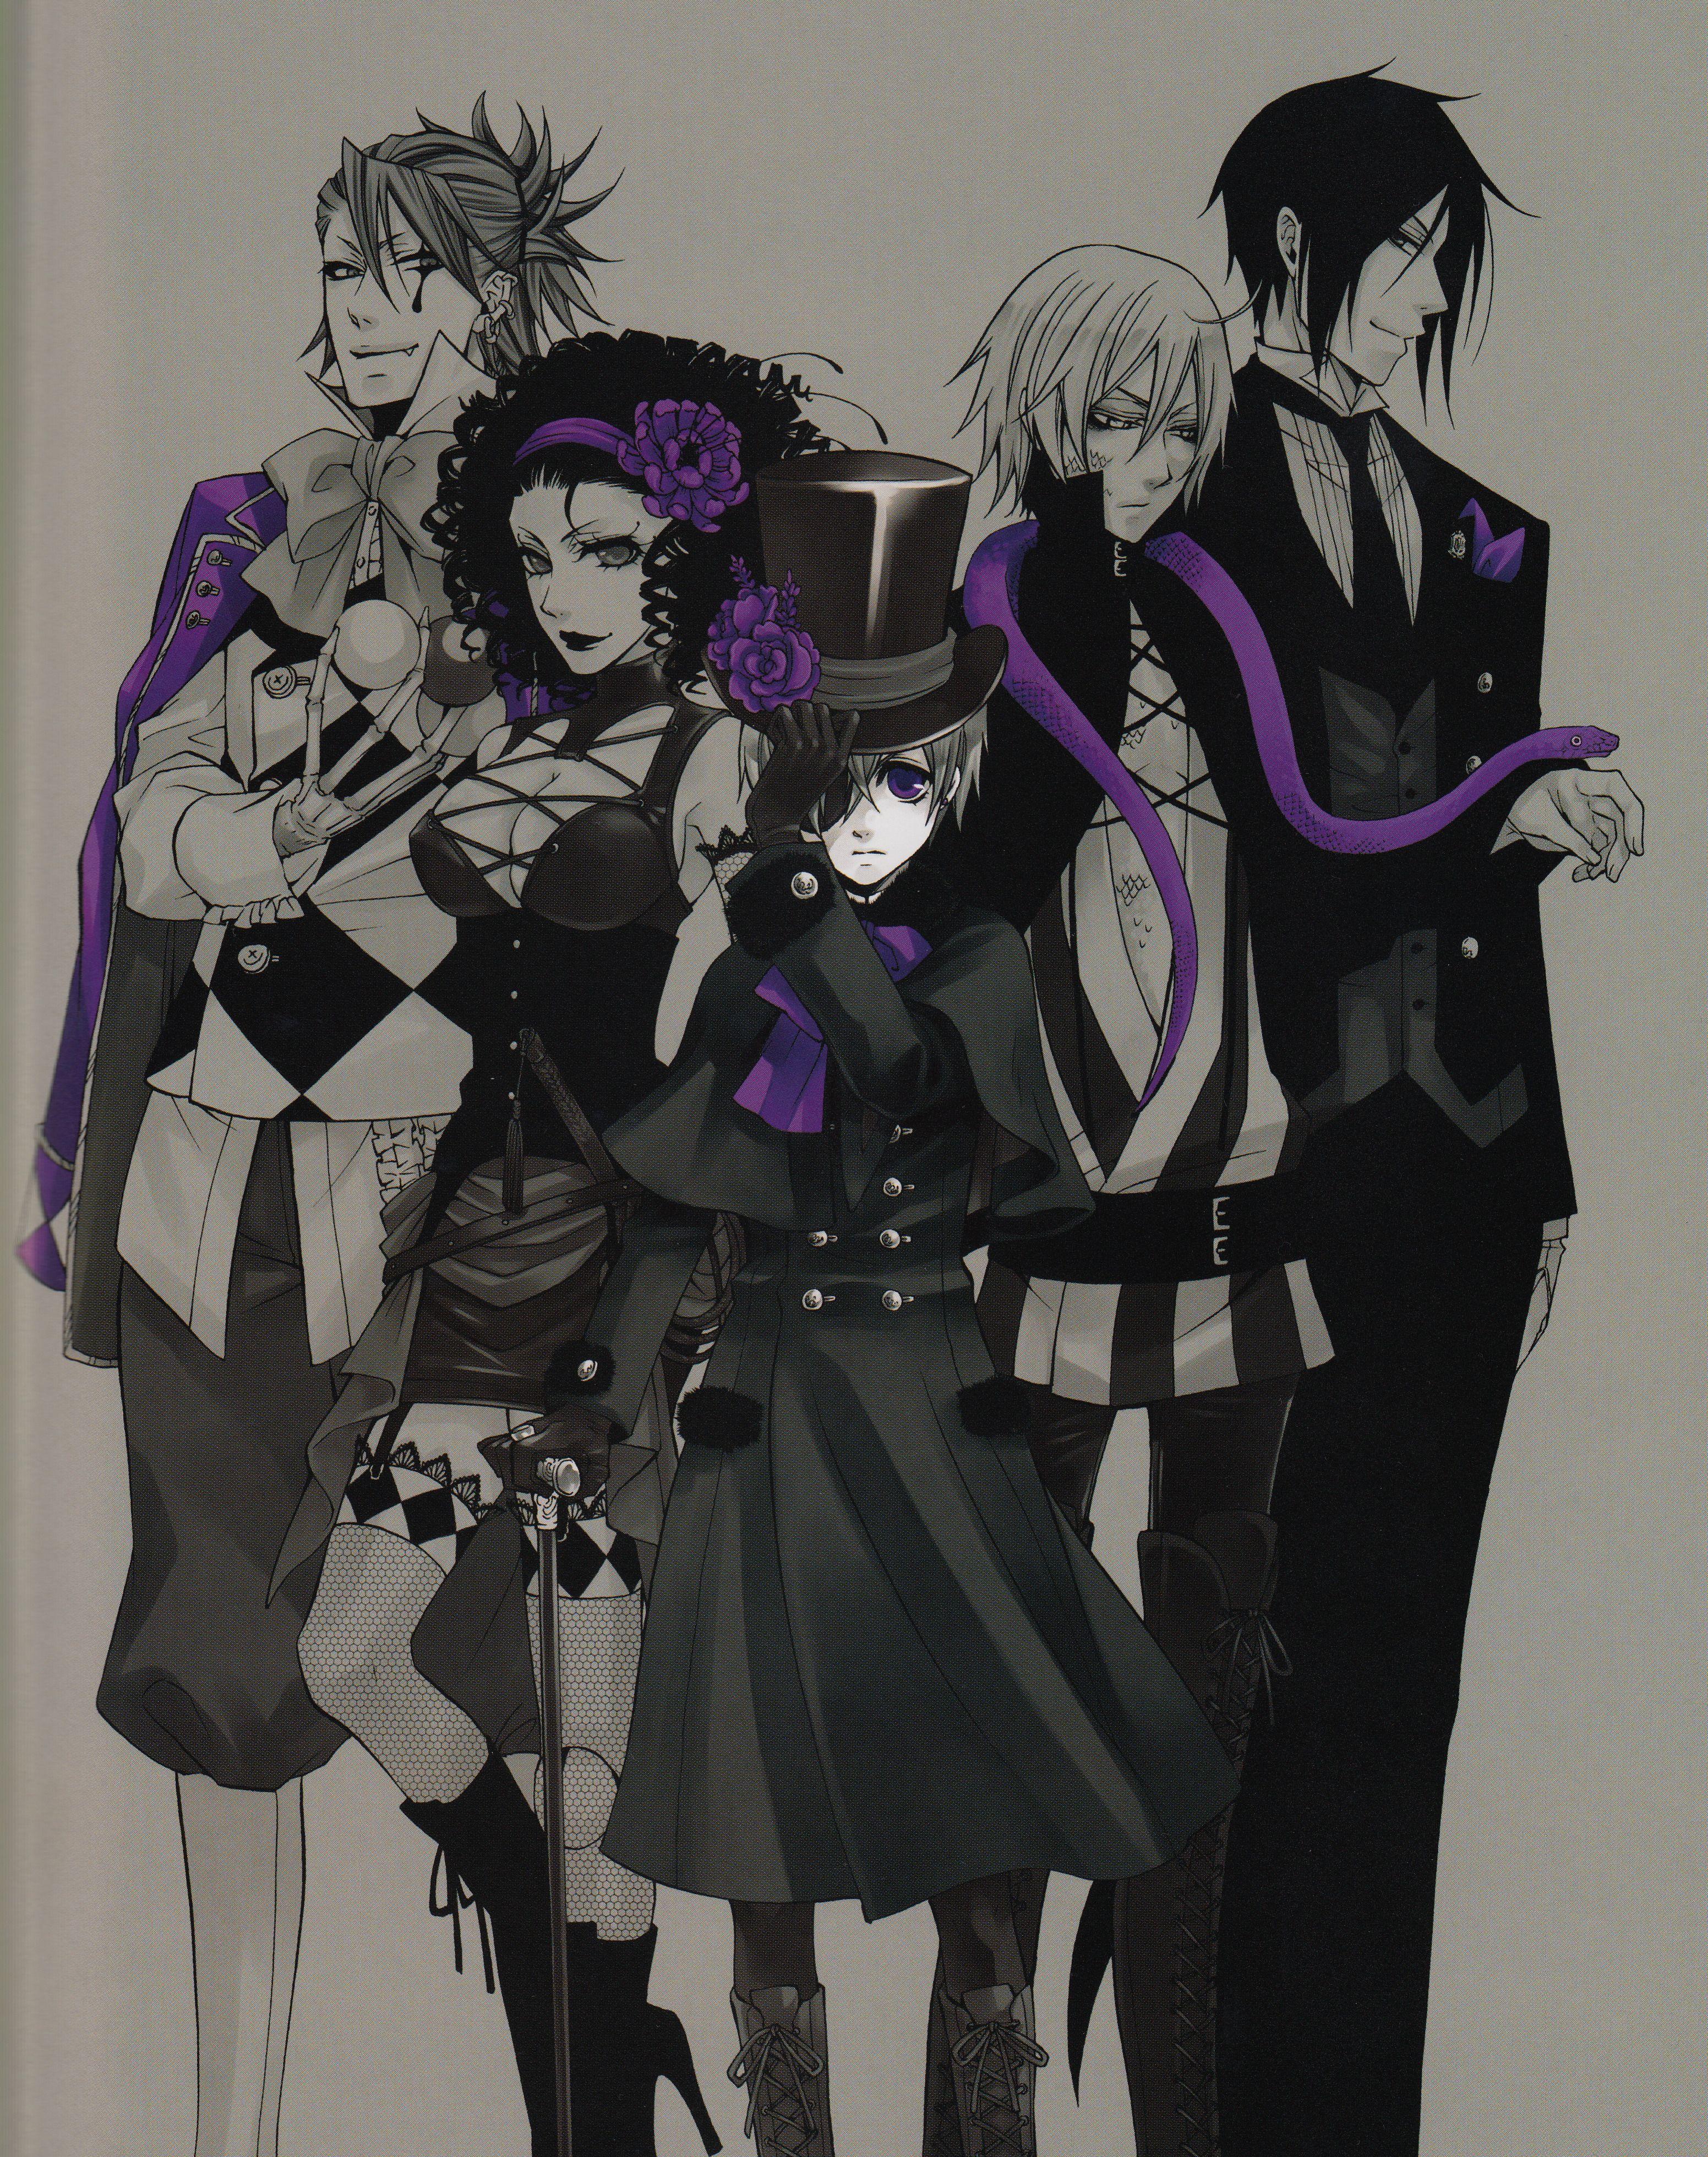 Joker beast ciel snake and sebastian purple for Mein butler